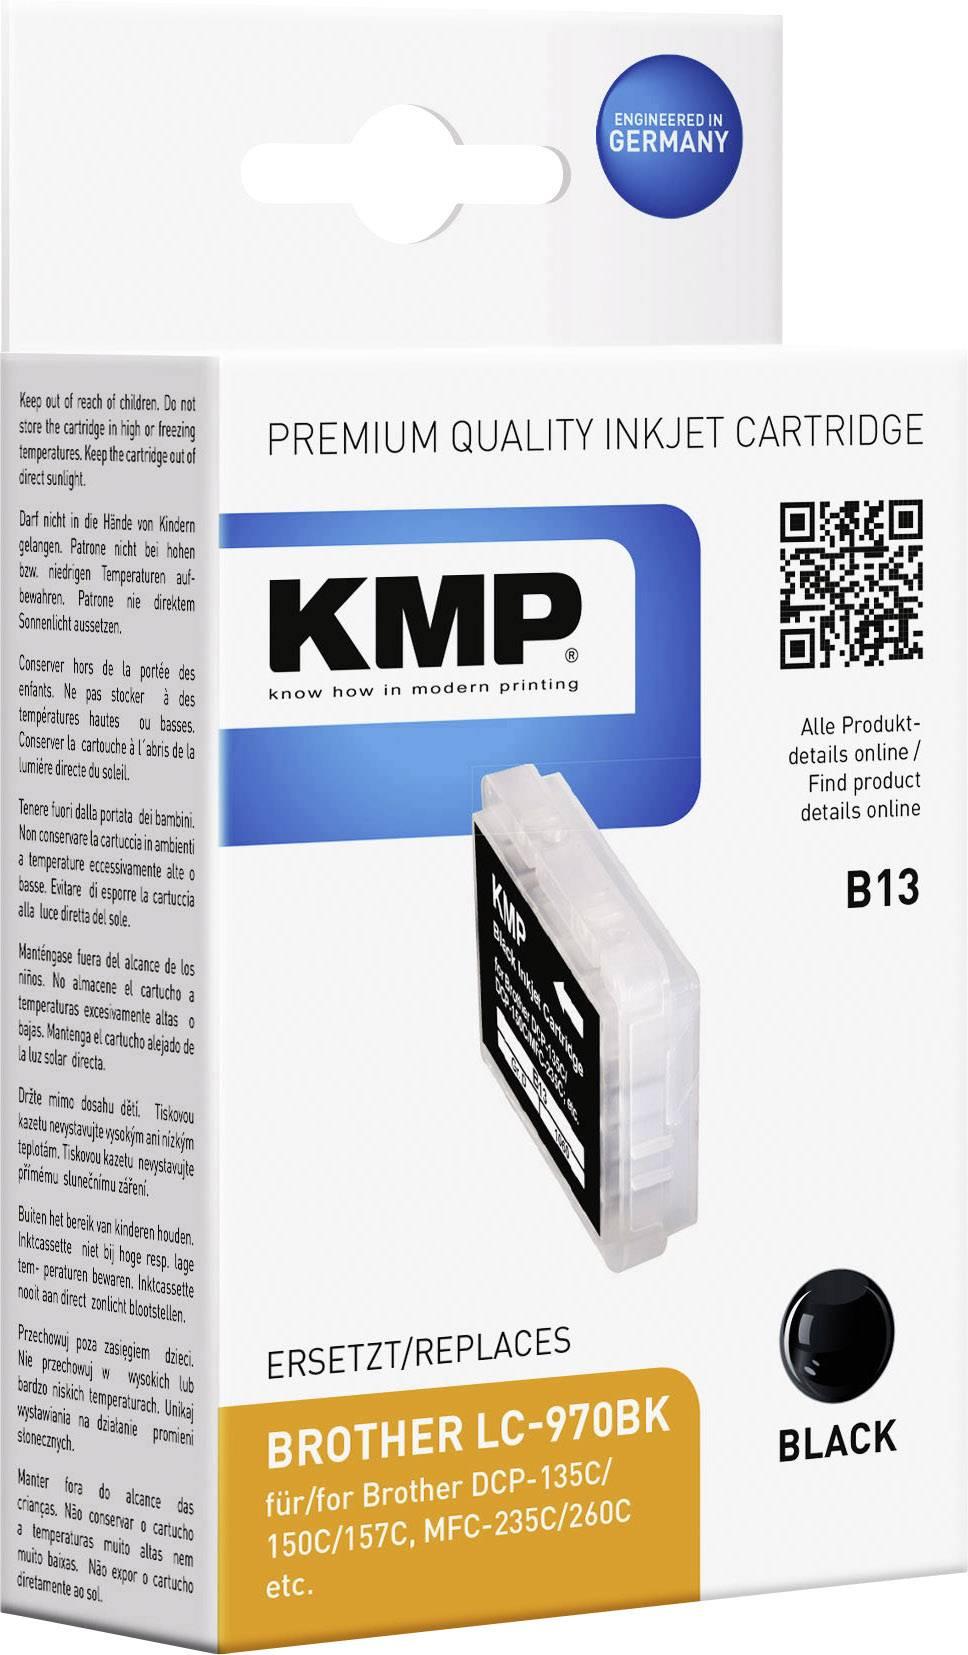 Kompatibilná náplň do tlačiarne KMP B13 1060,0001, čierna